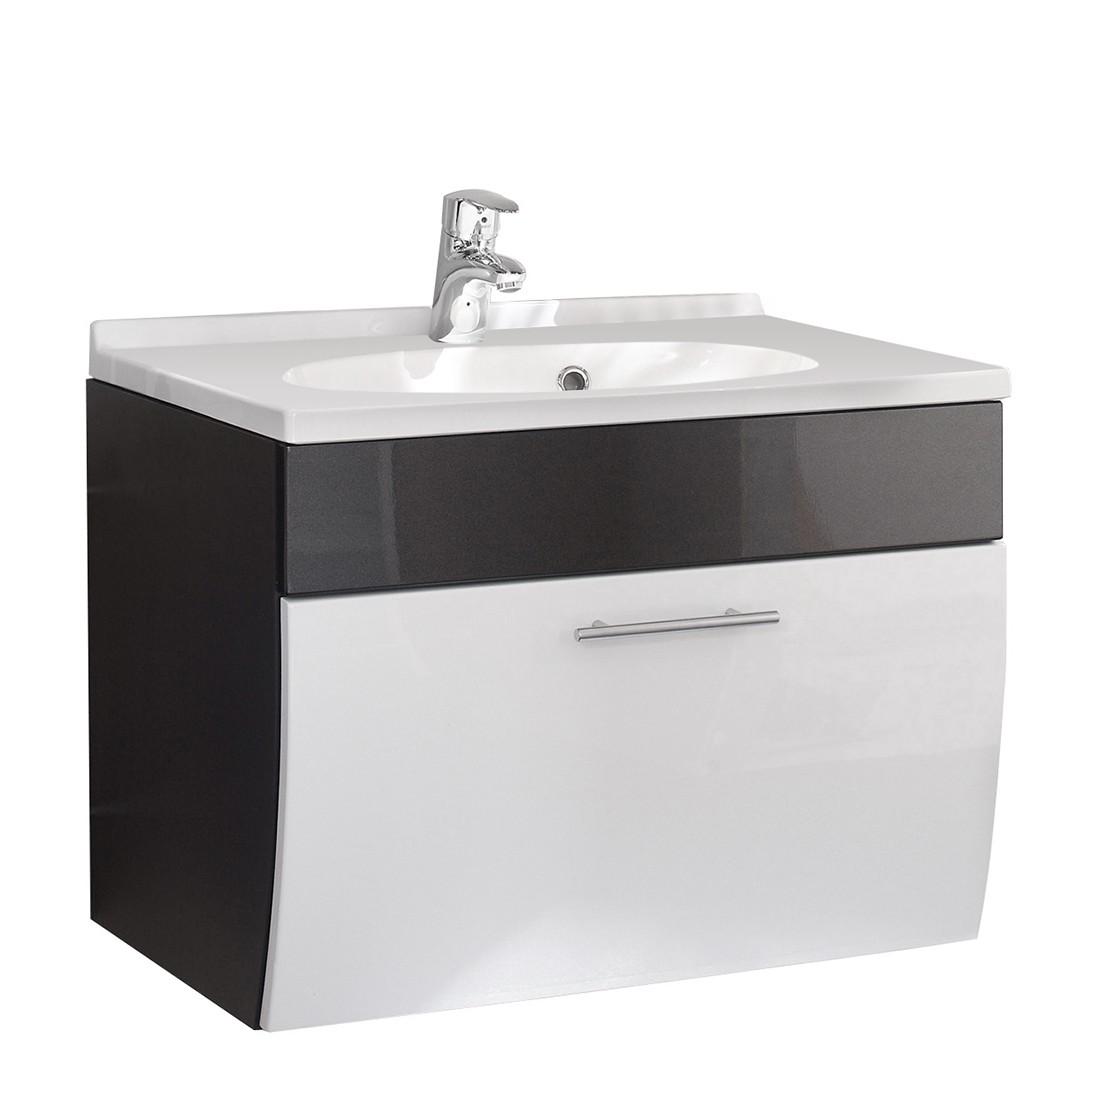 Waschplatz Tara – Anthrazit-Weiß, Aqua Suite online bestellen